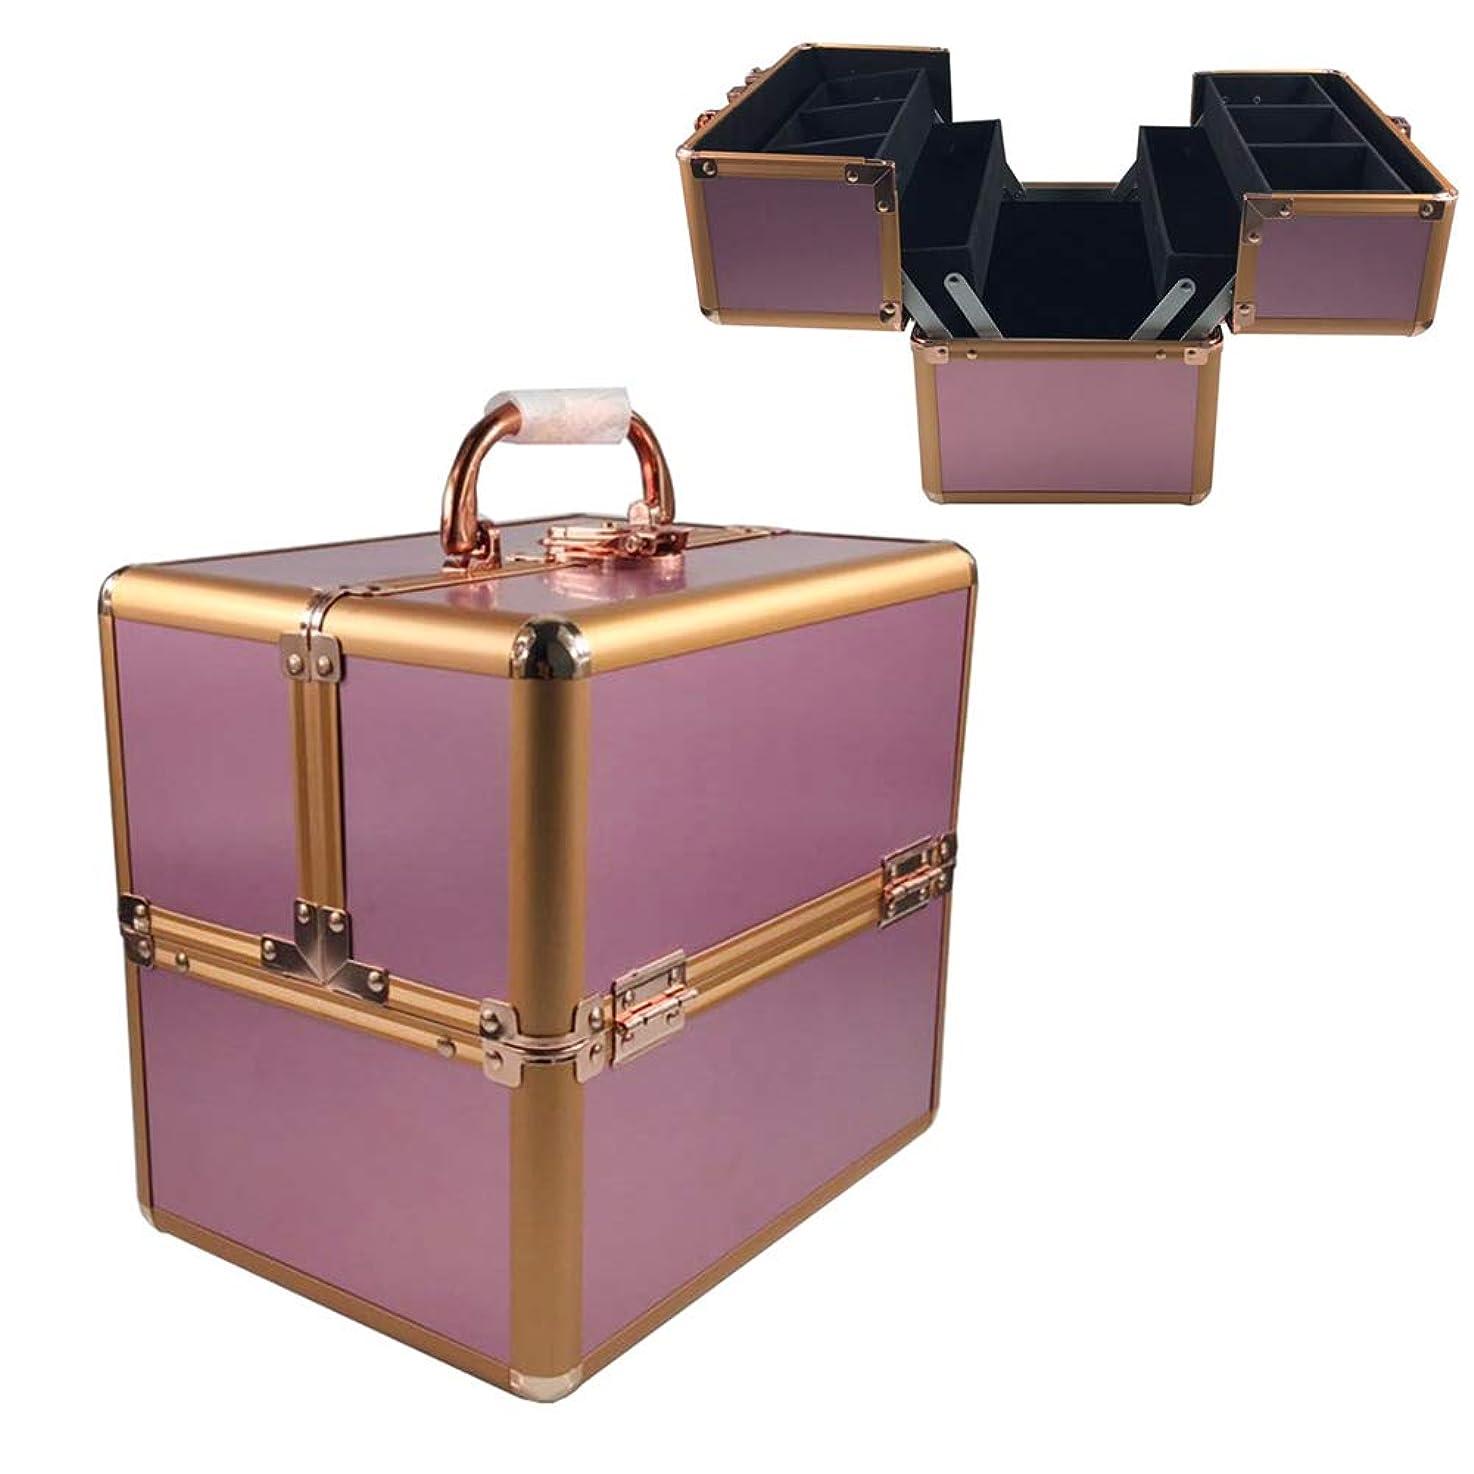 分配します幾分スーツケース化粧オーガナイザーボックスマニキュアジュエリー化粧品ボックスビューティーバニティケース、ピンク